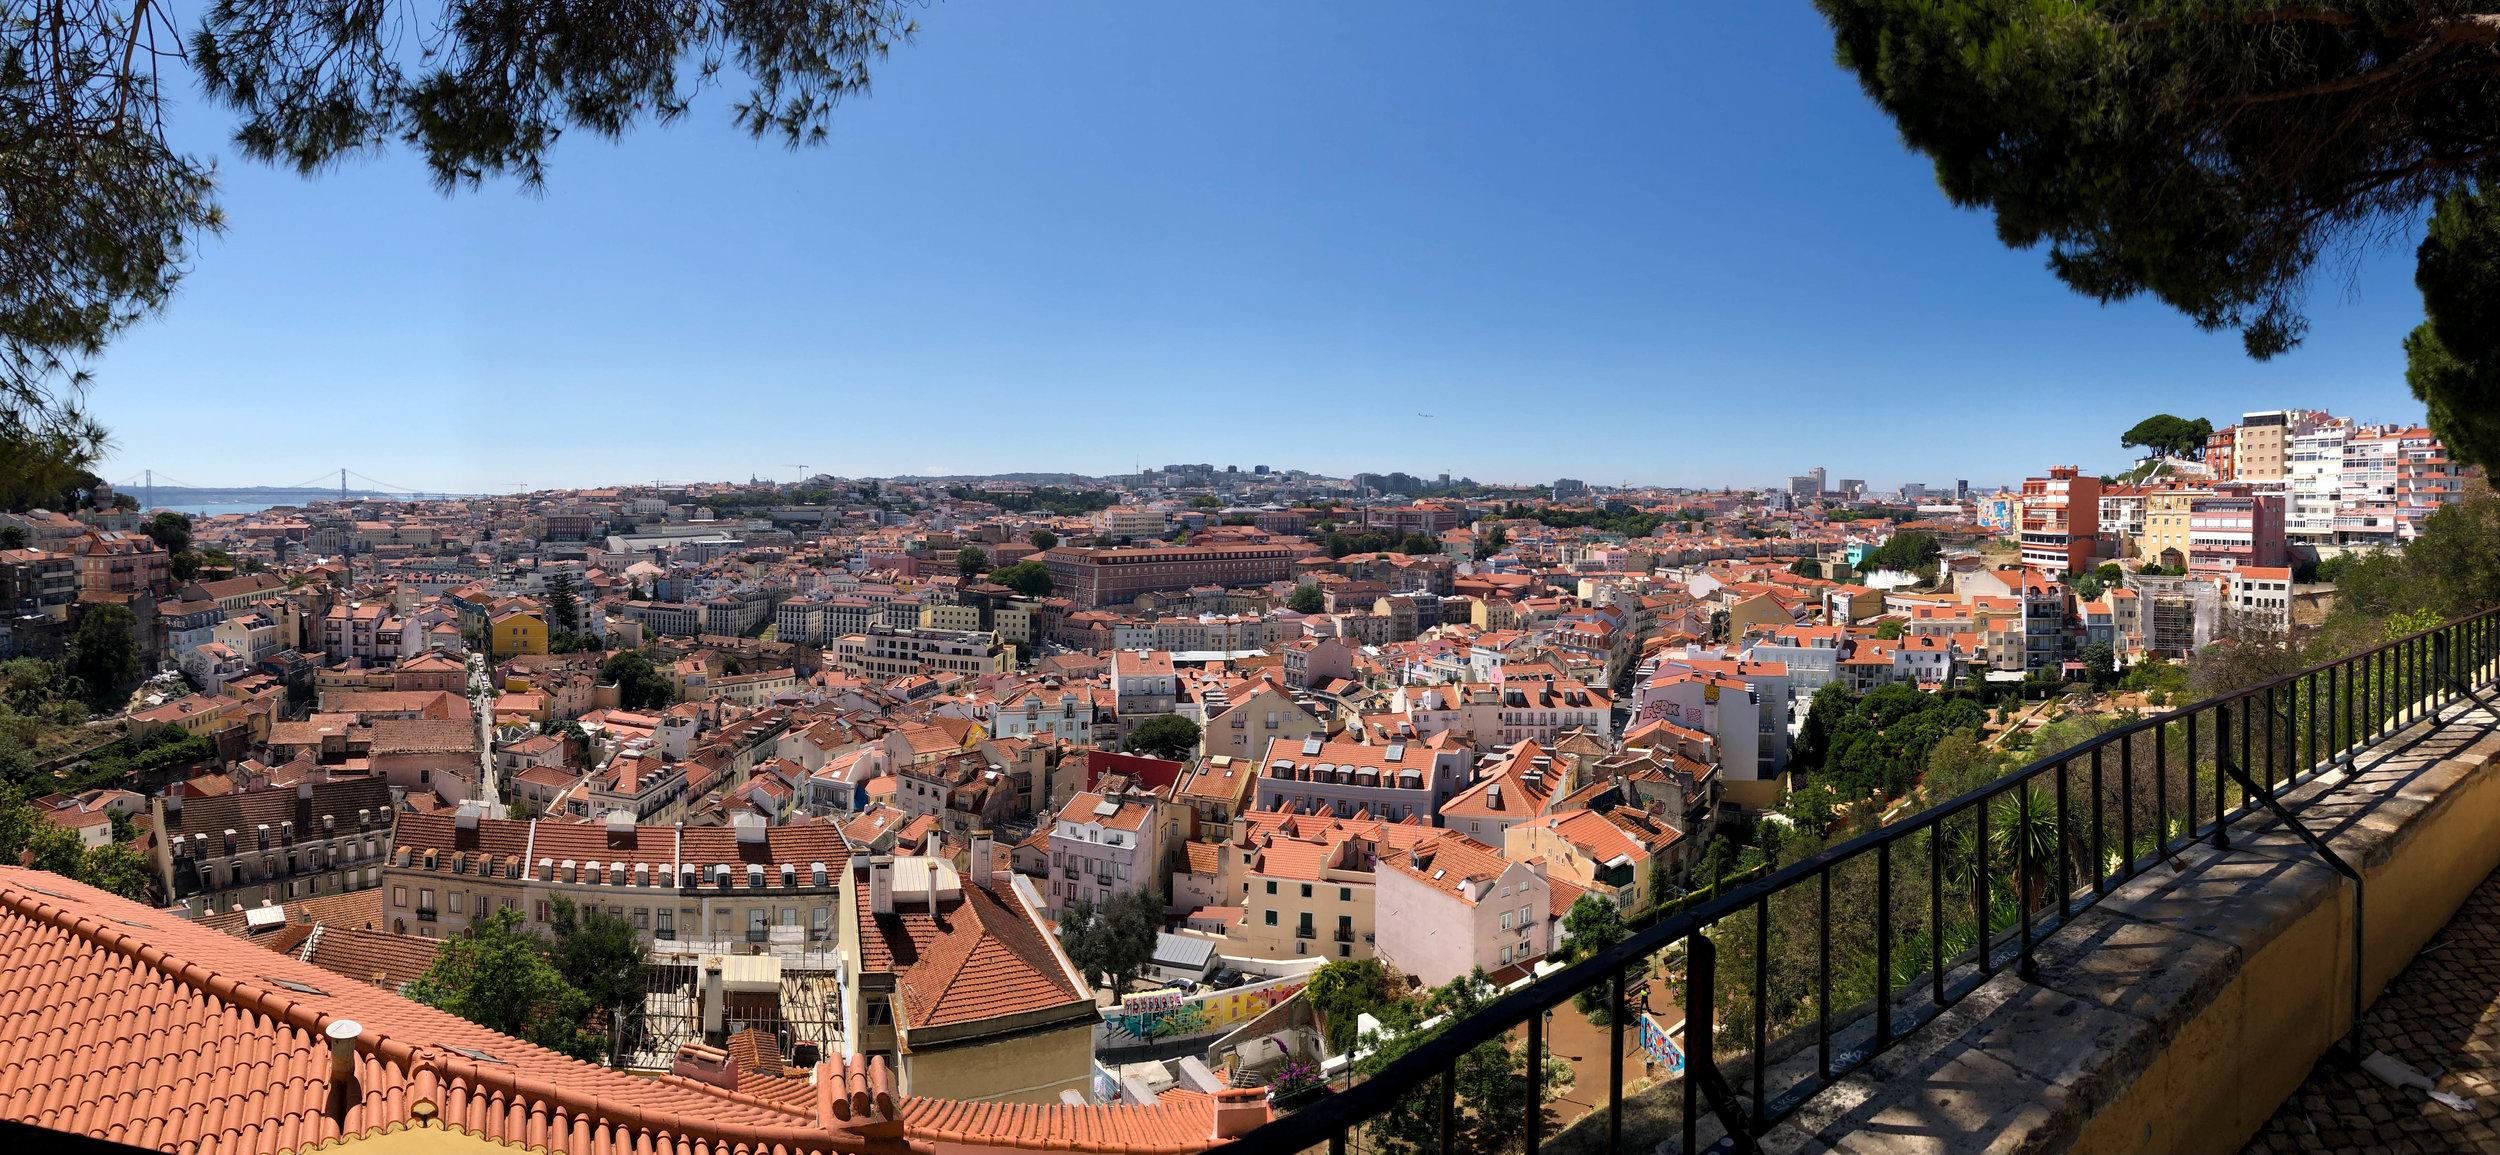 Lisboa Wondrous Abyss 9.jpg